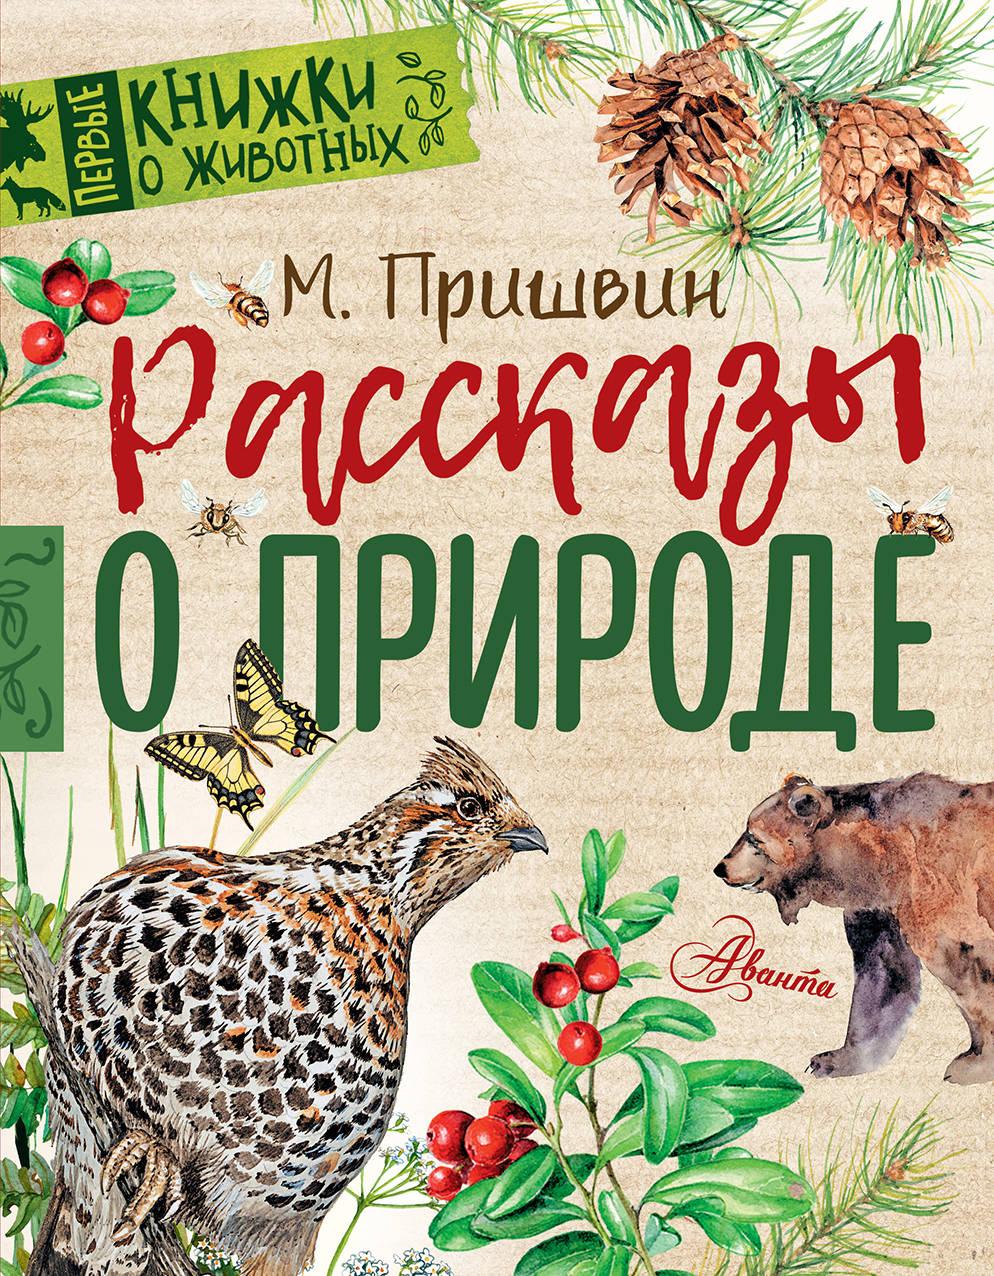 М. Пришвин Рассказы о природе эксмо рассказы о животных м пришвин